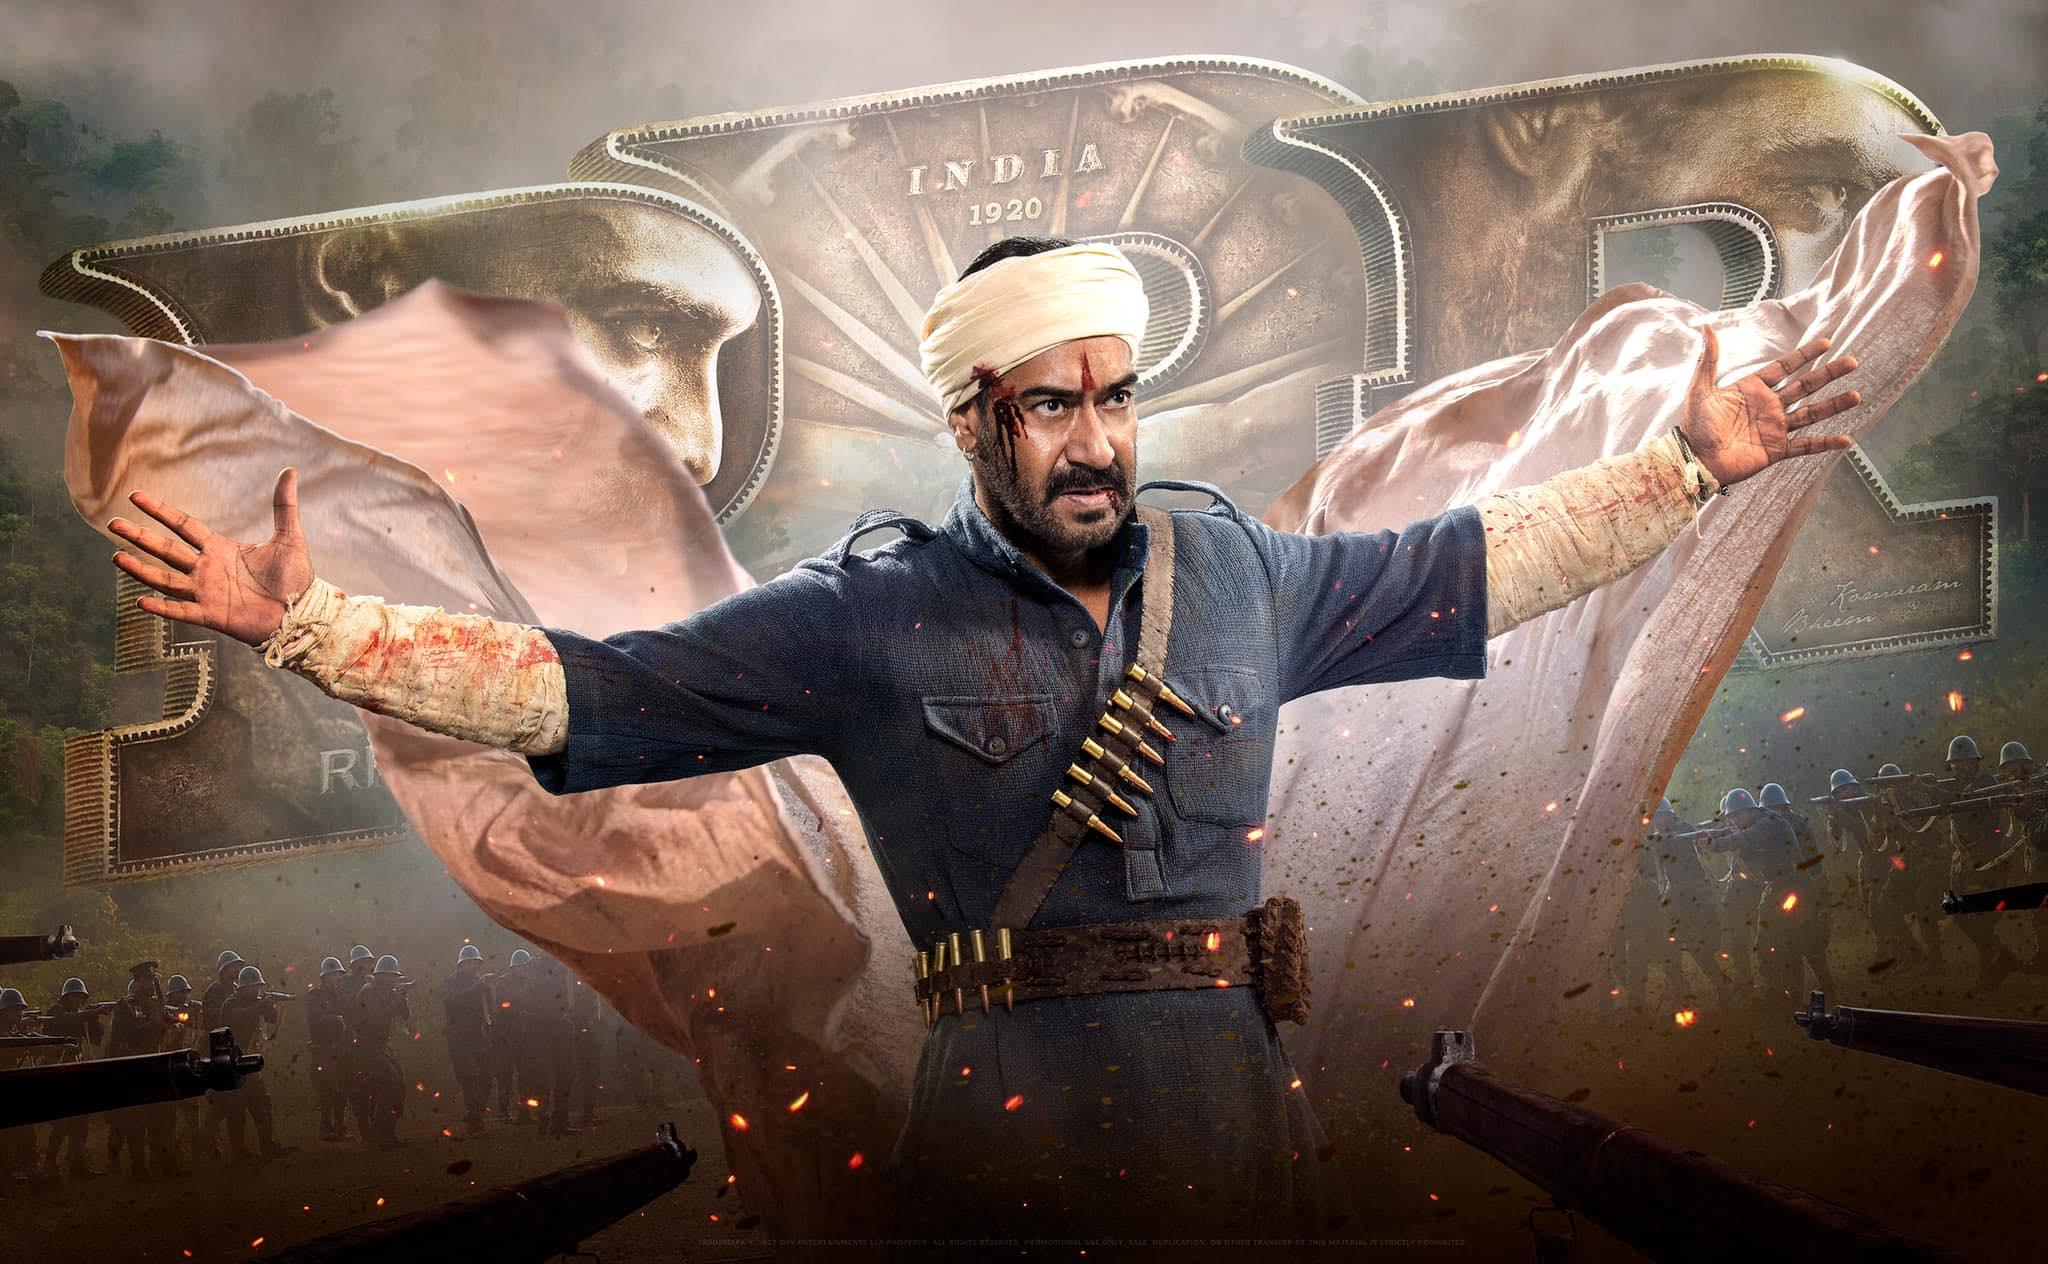 फिल्म 'RRR' में अजय देवगन इसी लुक में नज़र आएंगे. हालांकि फिल्म में उनका रोल क्या होने वाला है, इस पर क्लैरिटी नहीं है.